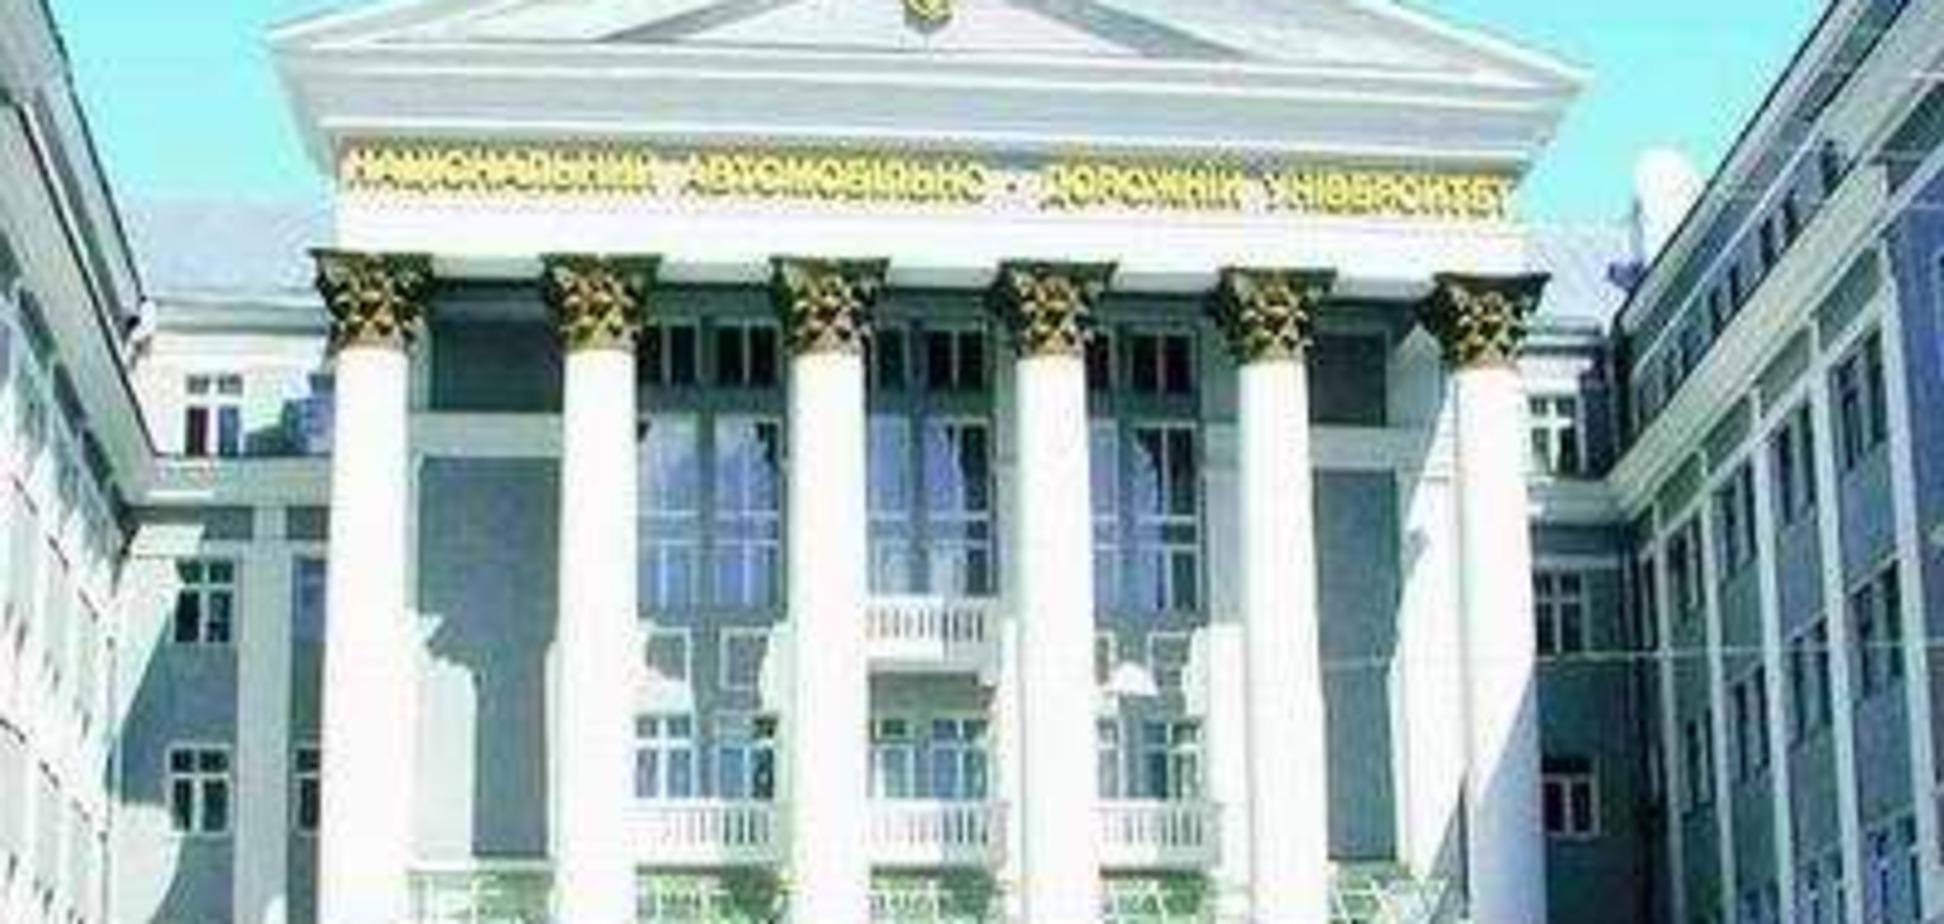 Cкандал у Харківському національному аграрному університеті